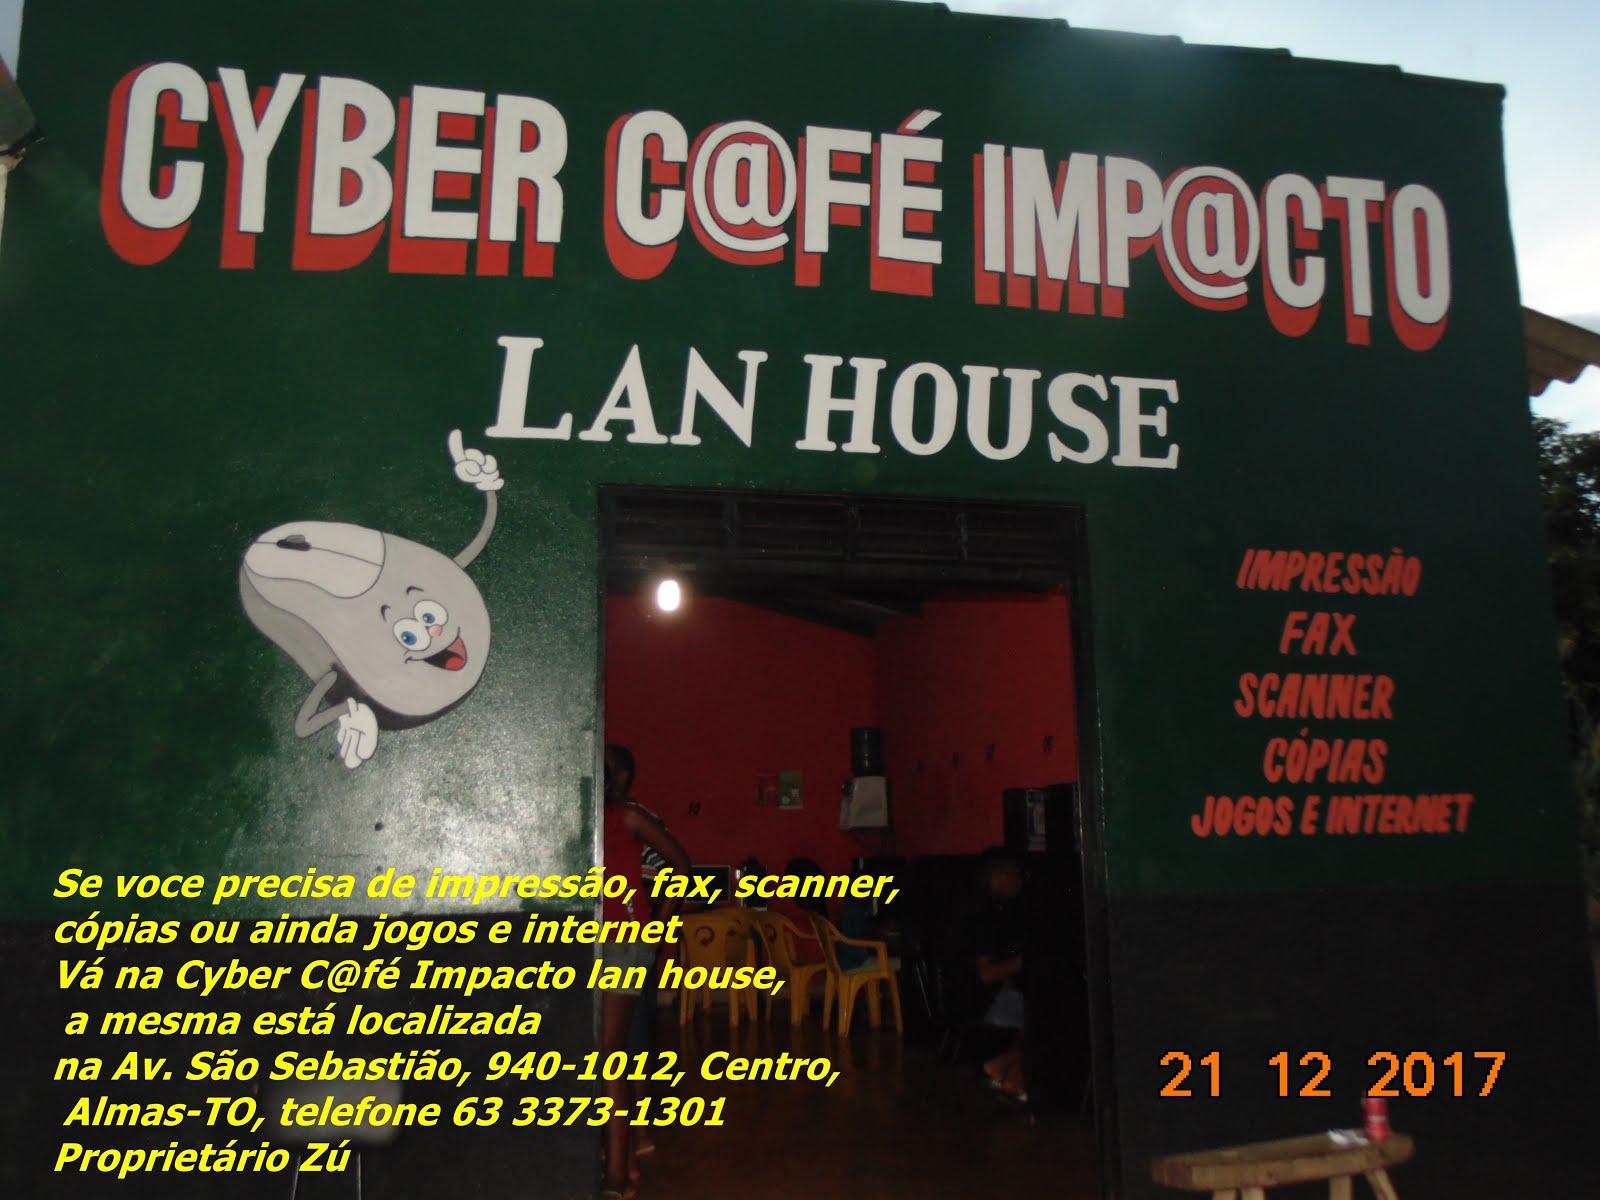 Cyber C@fé Impacto: Lan House